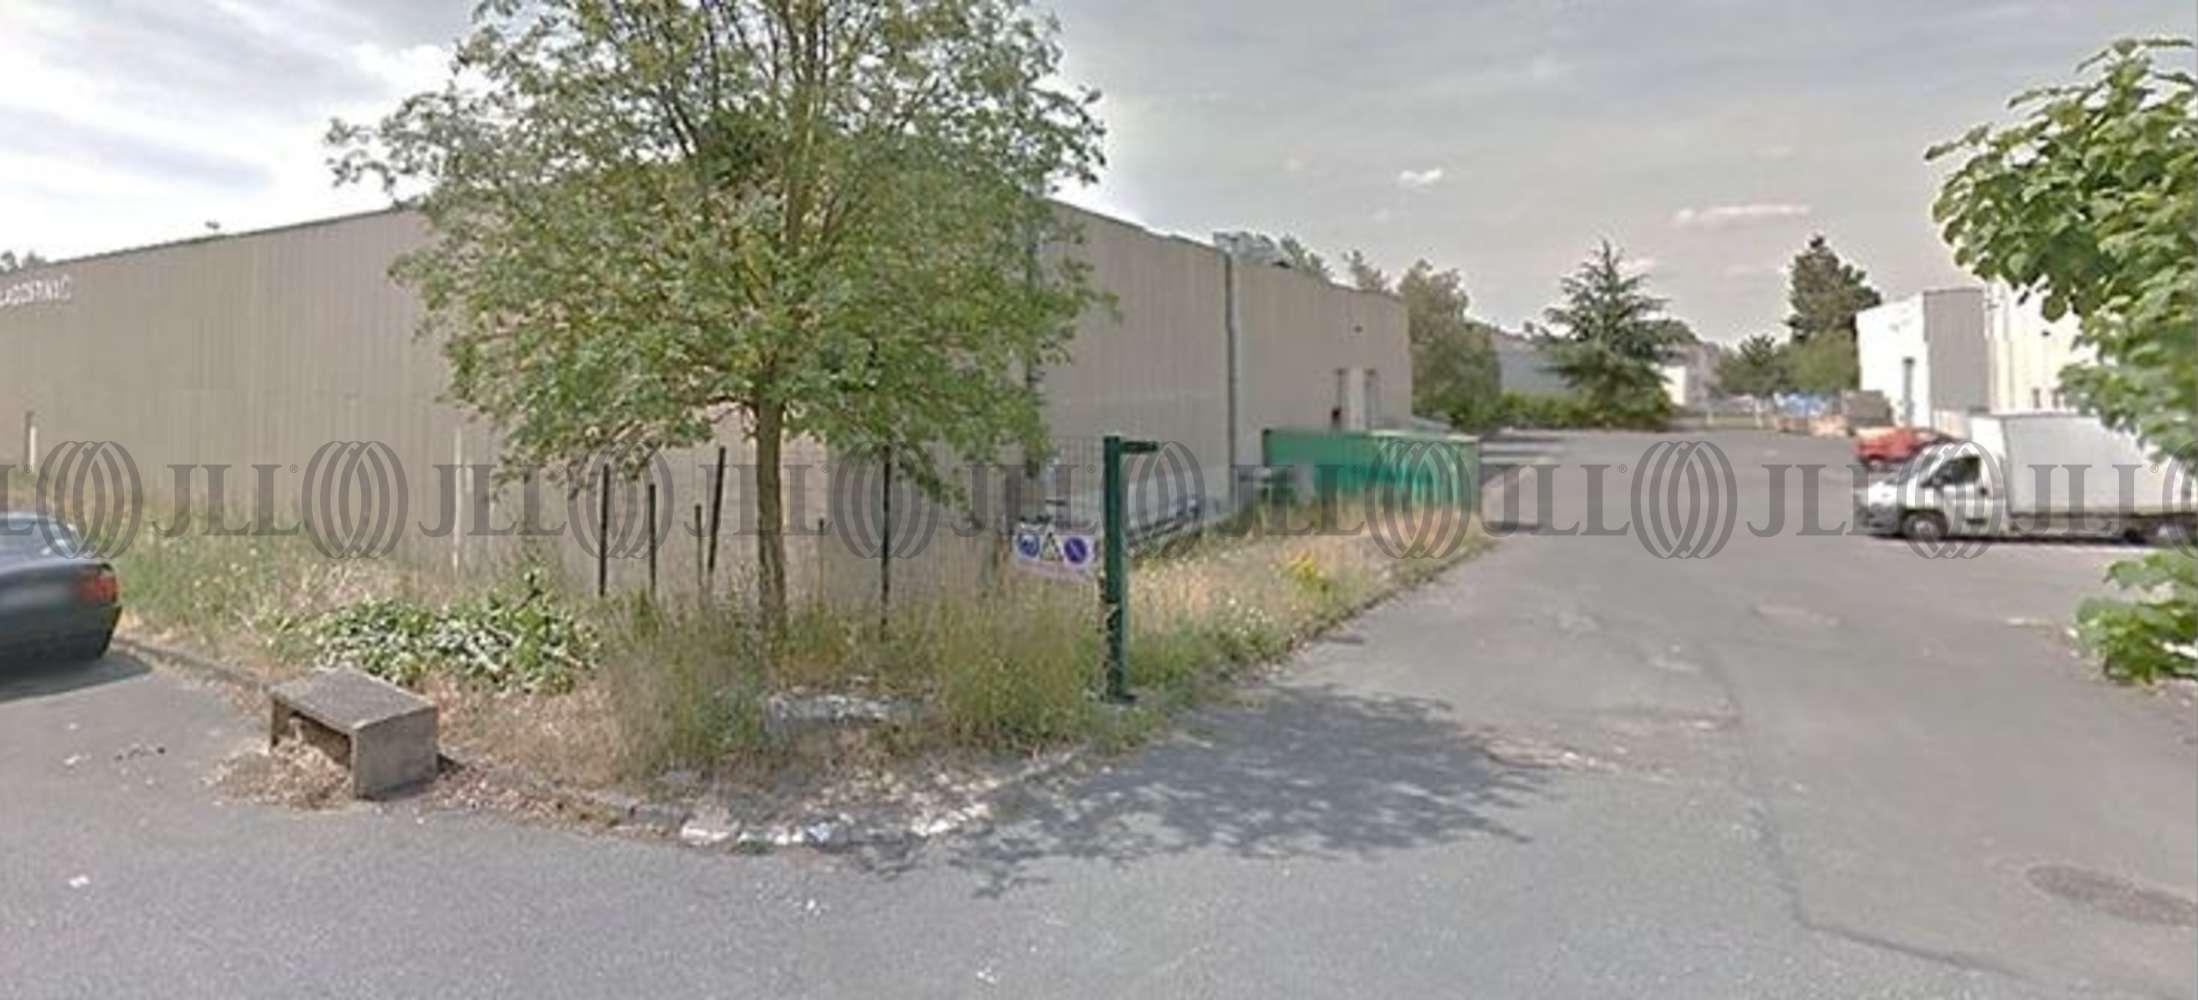 Activités/entrepôt Tremblay en france, 93290 - 74 RUE HENRI FARMAN